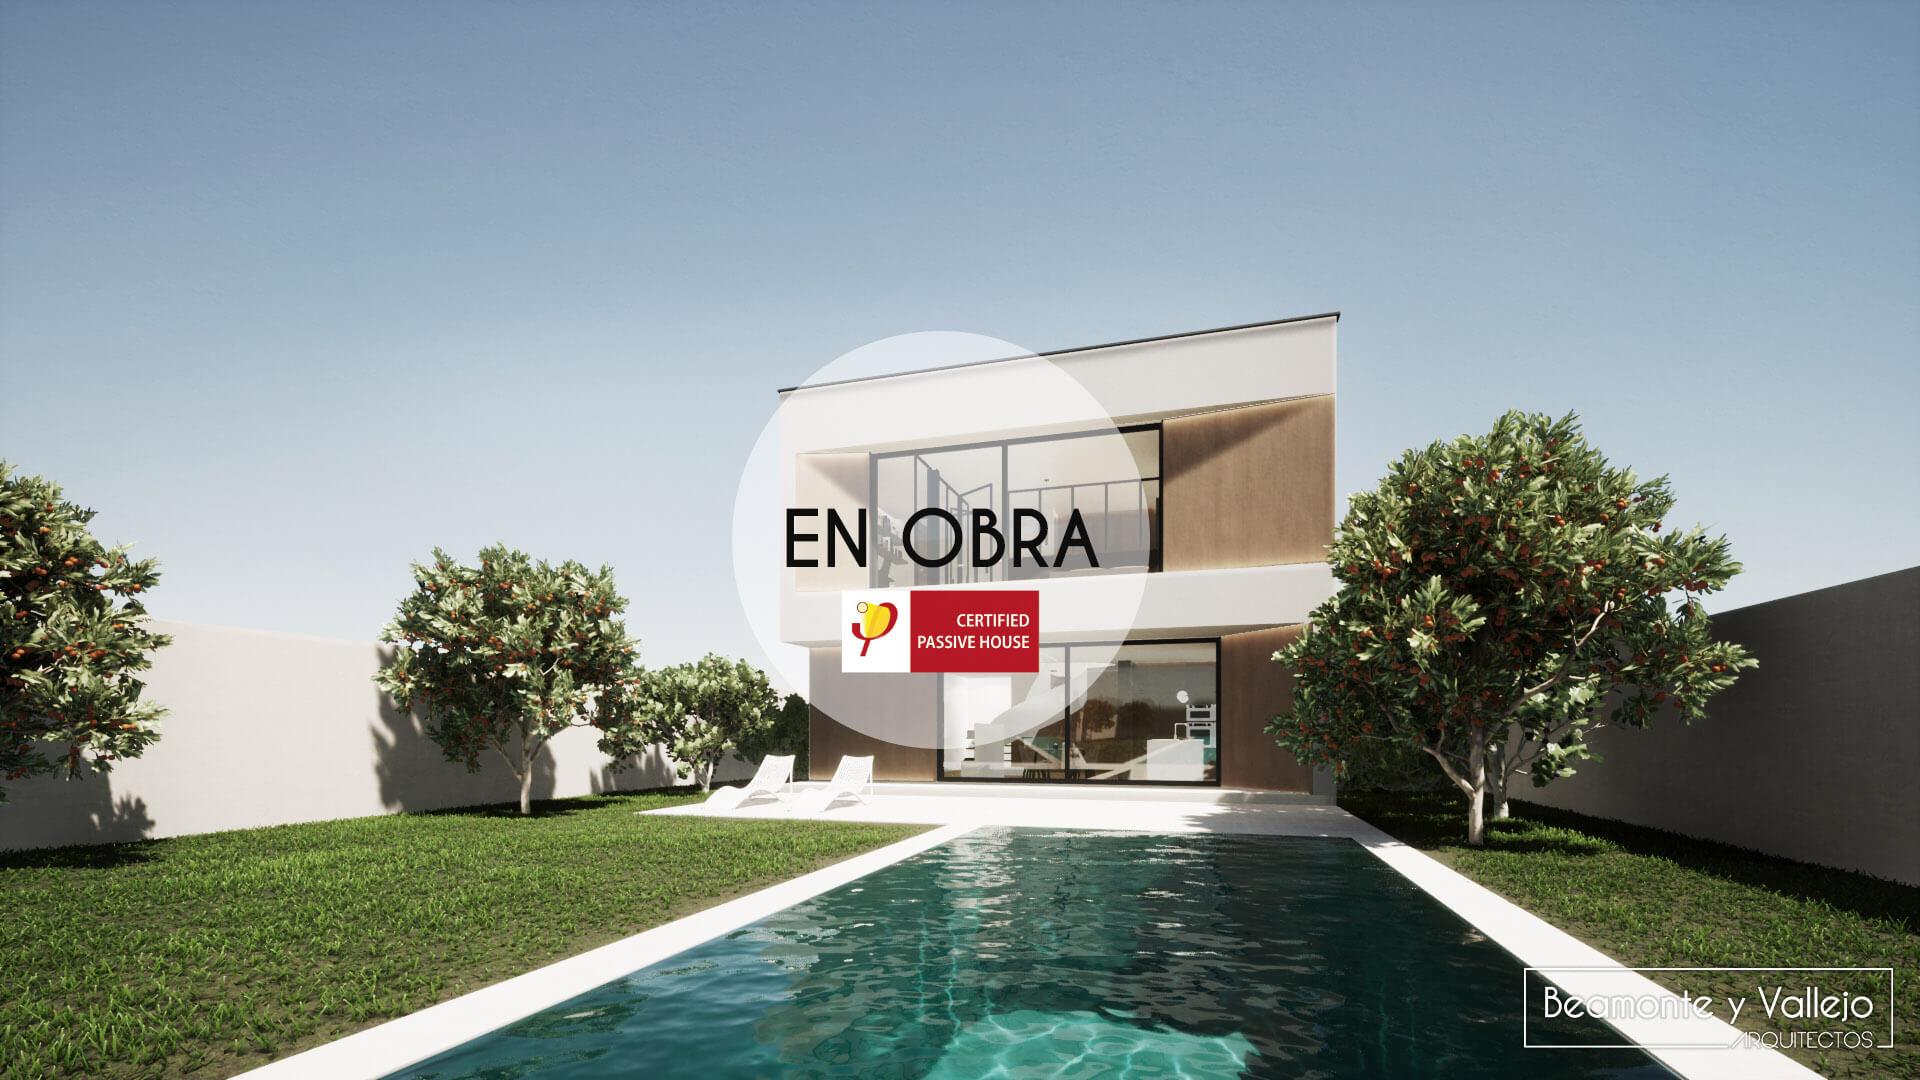 Beamonte y Vallejo arquitectos - Passivhaus Rocafort, Valencia en obra - 4